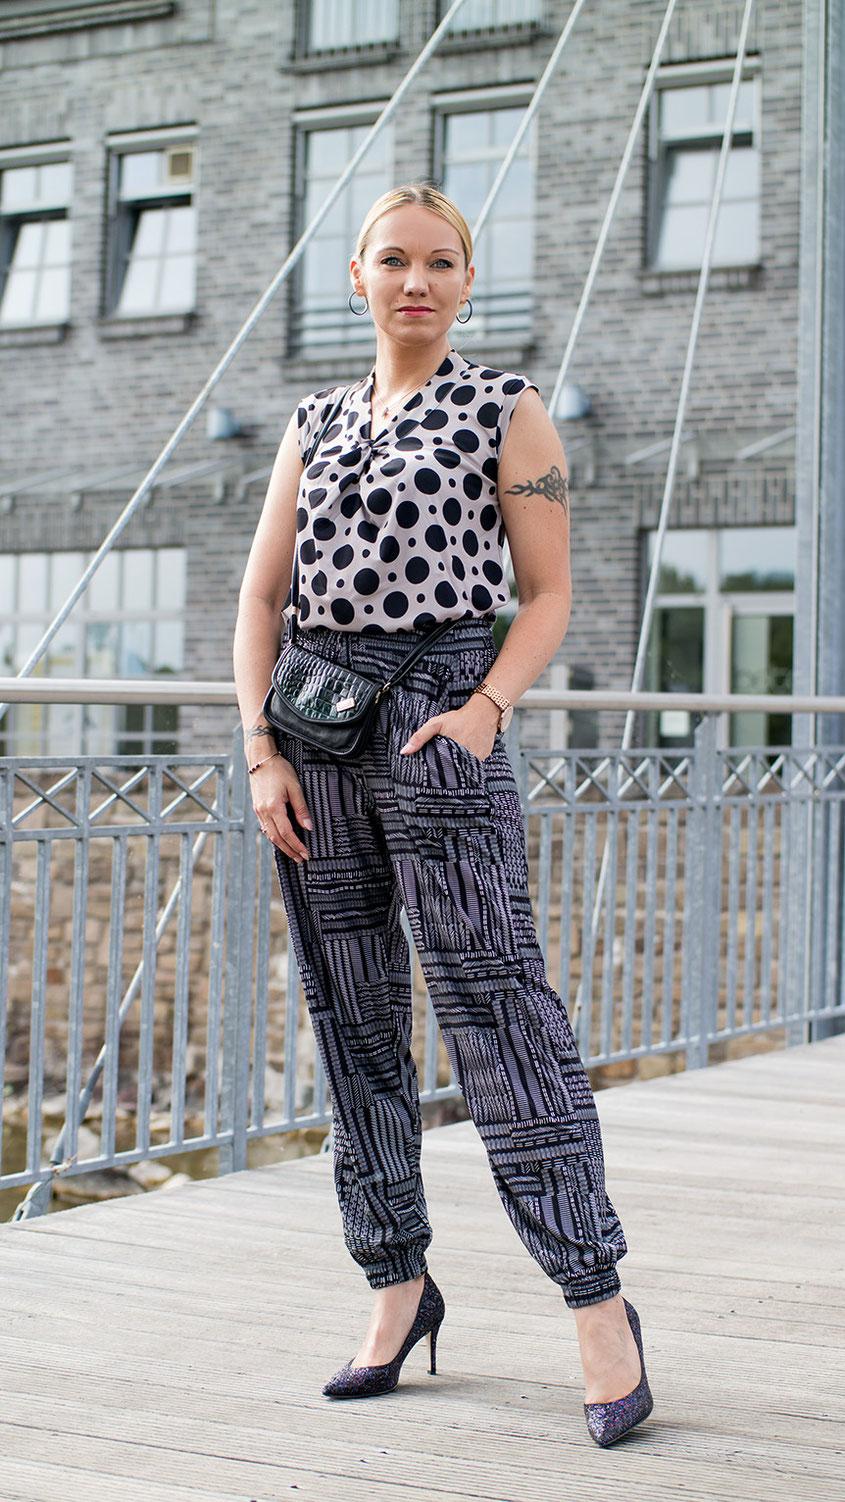 So stylst du Muster stilvoll miteinander: Obwohl ich in der Vergangenheit nicht unbedingt ein Fan von wilden Mustermixen war, habe ich das Thema für Euch einmal etwas klassisch mit Vintage Bag umgesetzt | Hot Port Life & Style | Mode & Style Blog für Frauen um die 30